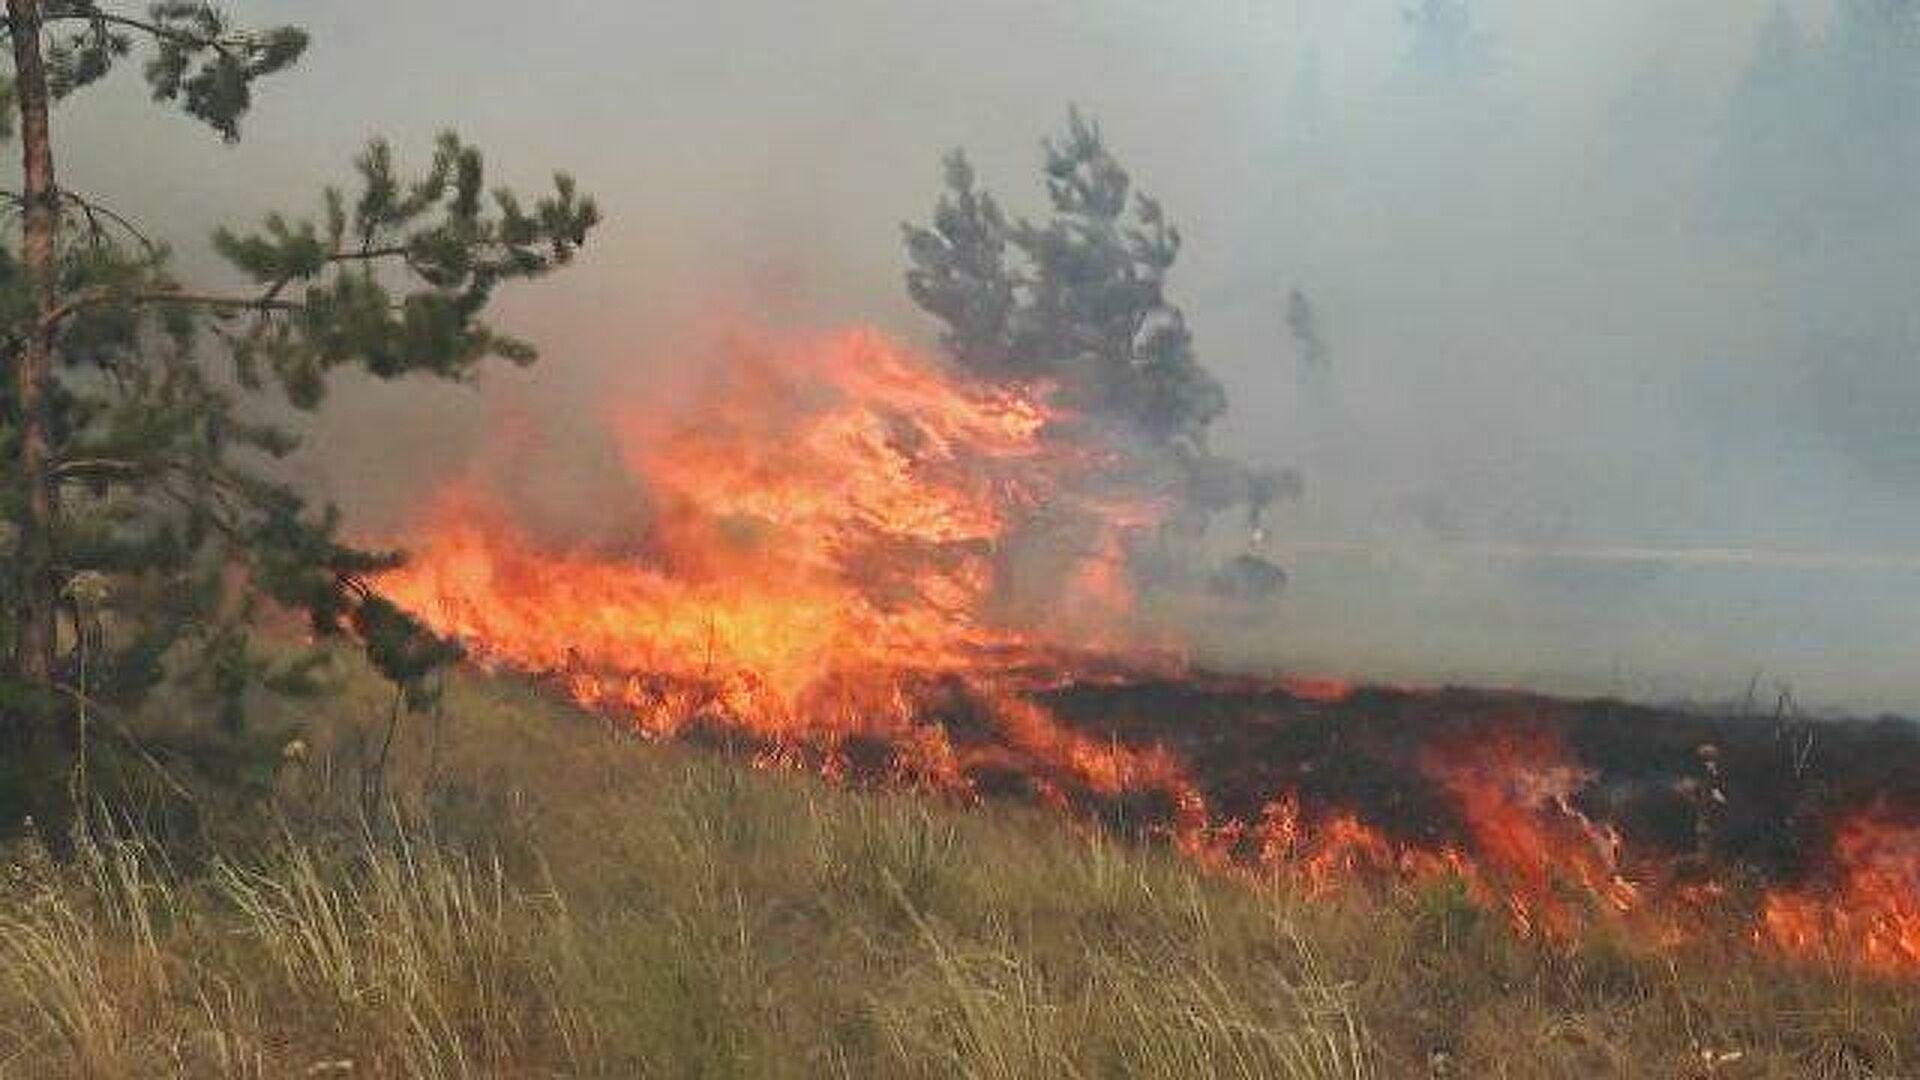 Ситуацию с лесными пожарами в Якутии удалось стабилизировать